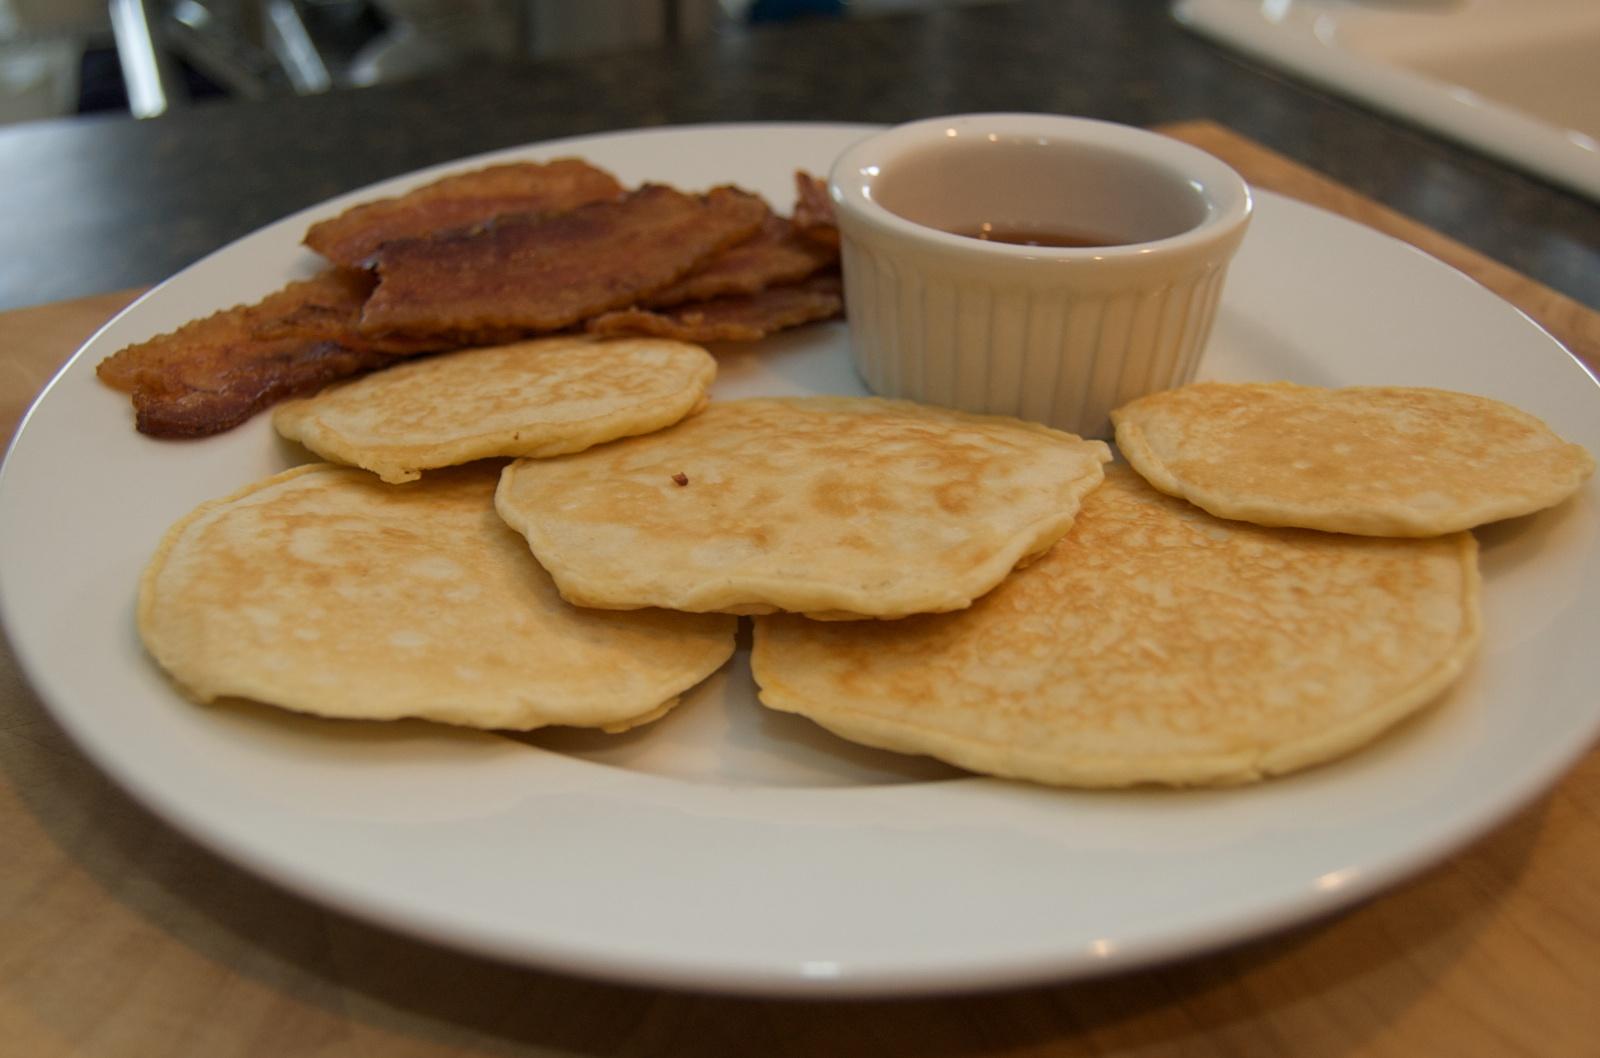 http://blog.rickk.com/food/2010/07/29/pancakes1.jpg